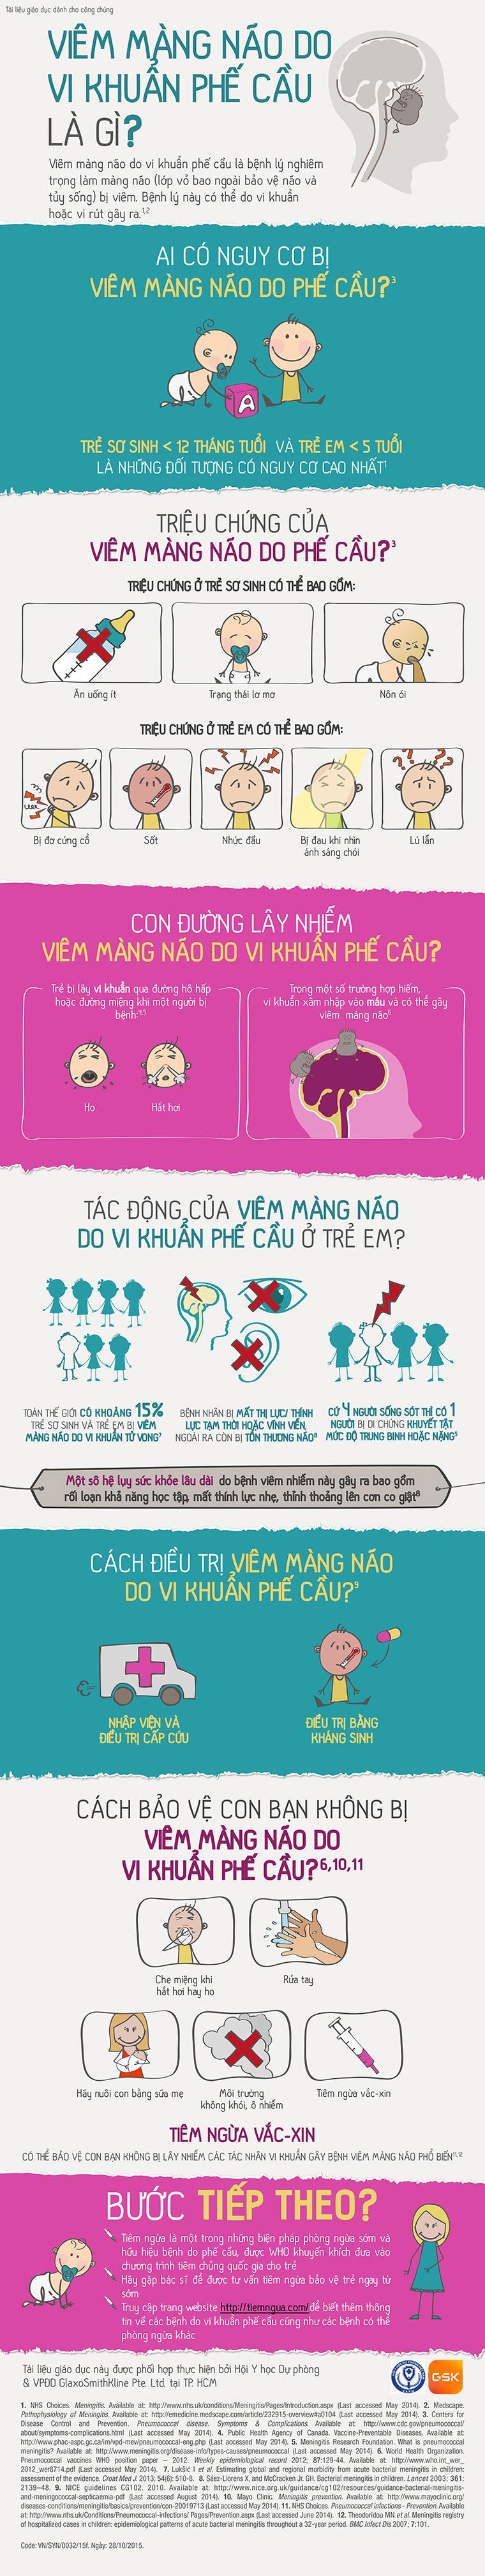 Viêm màng não do phế cầu là gì